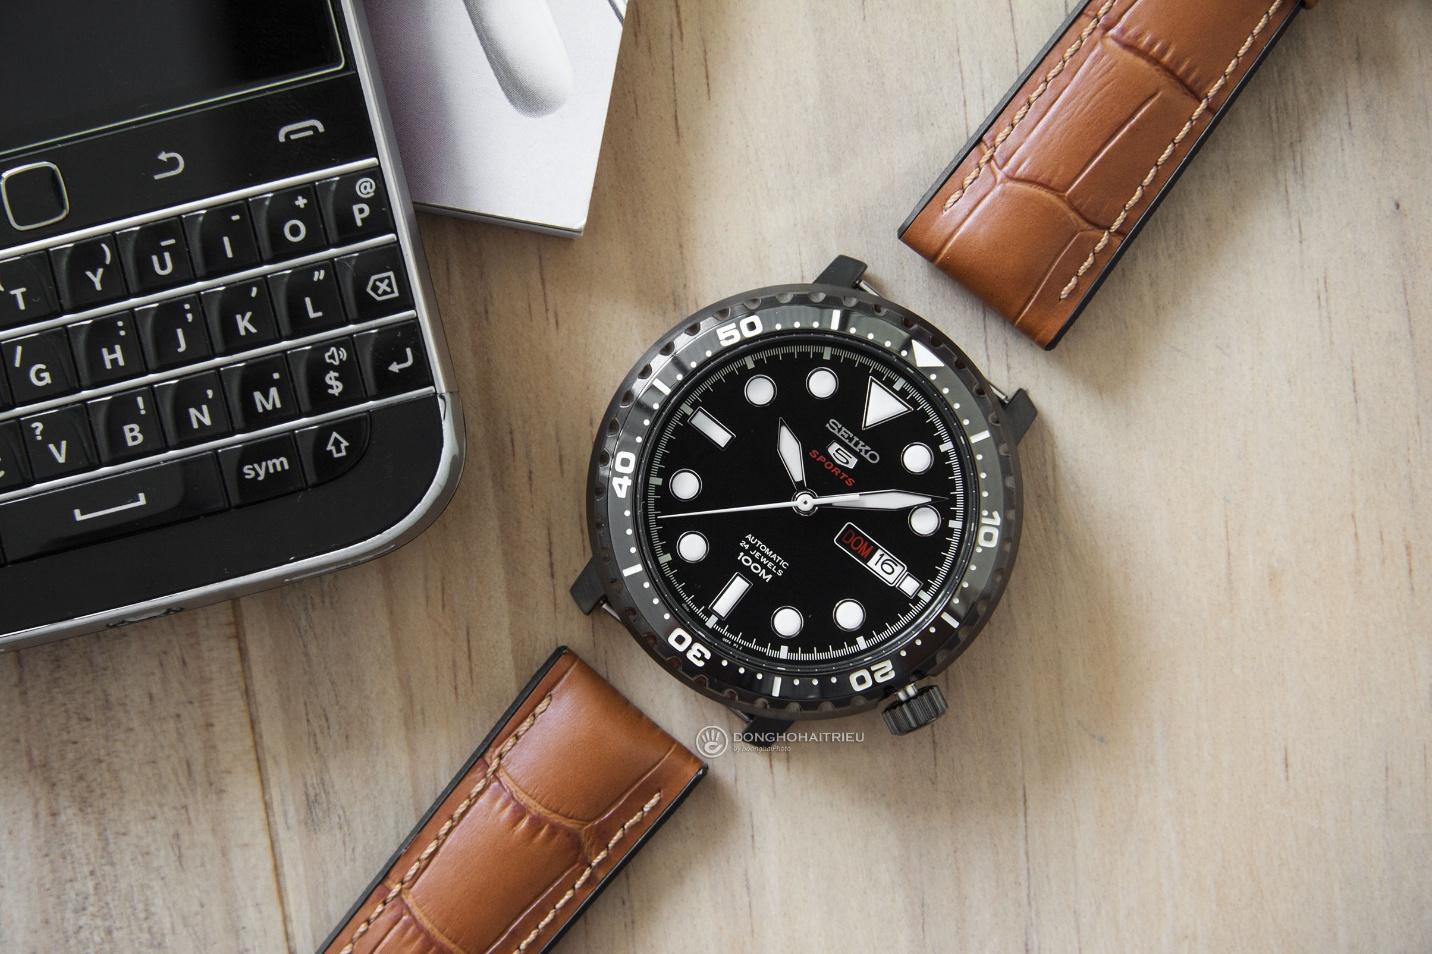 Bộ sưu tập dây da được các thương hiệu đồng hồ nổi tiếng thế giới ưa chuộng - Ảnh 1.